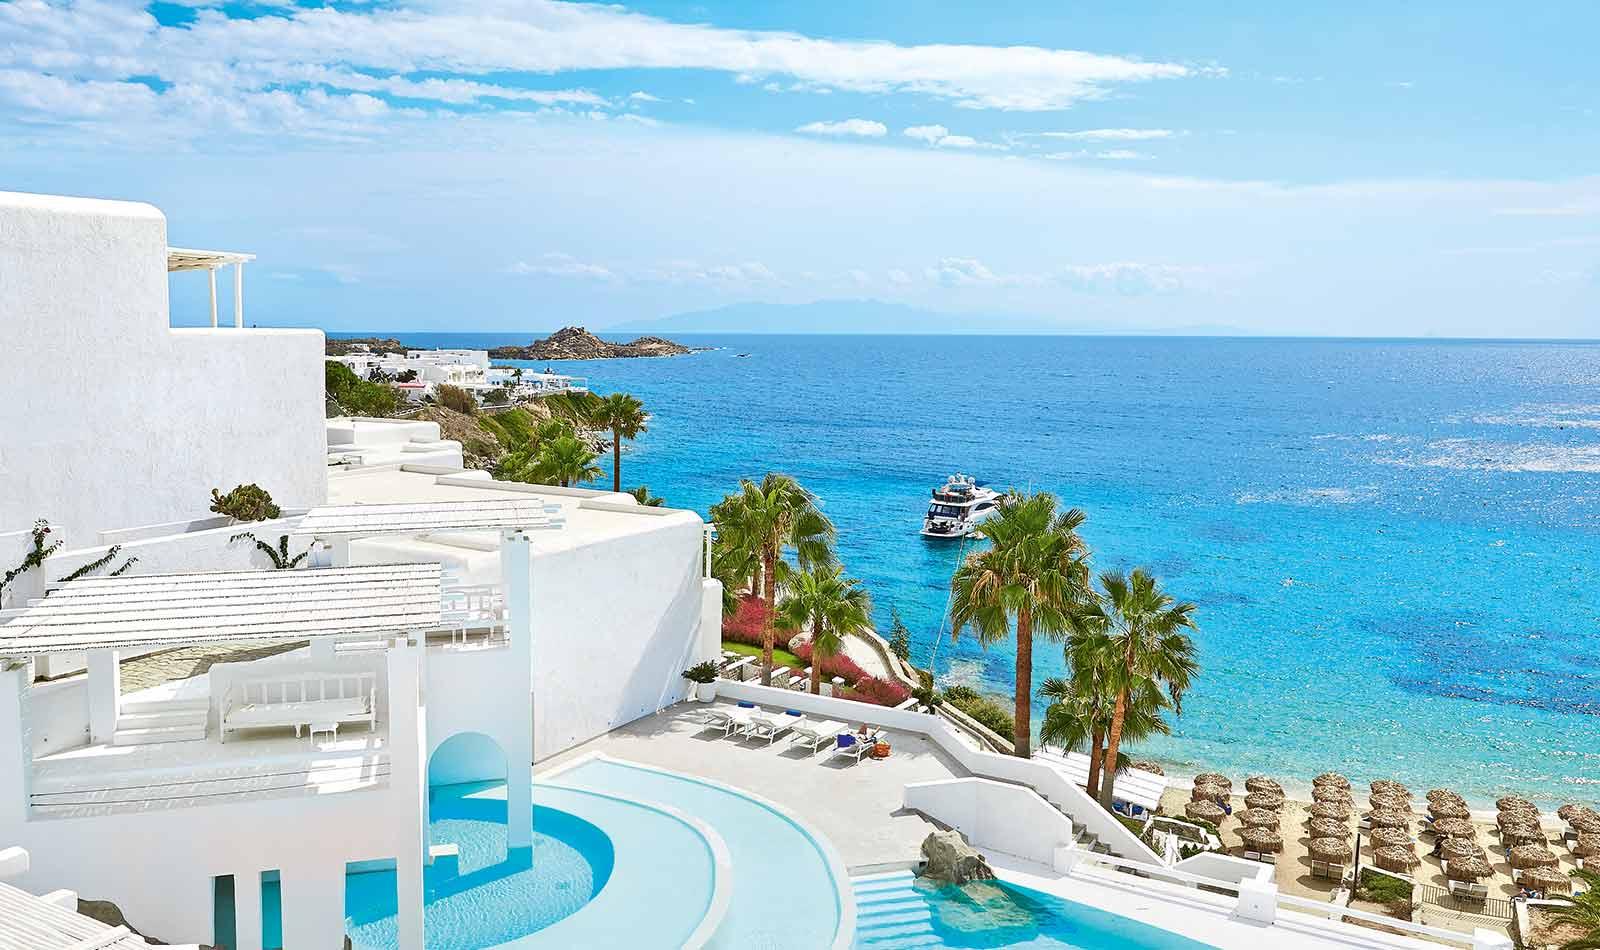 Mykonos Beach Hotel Mykonos Greece